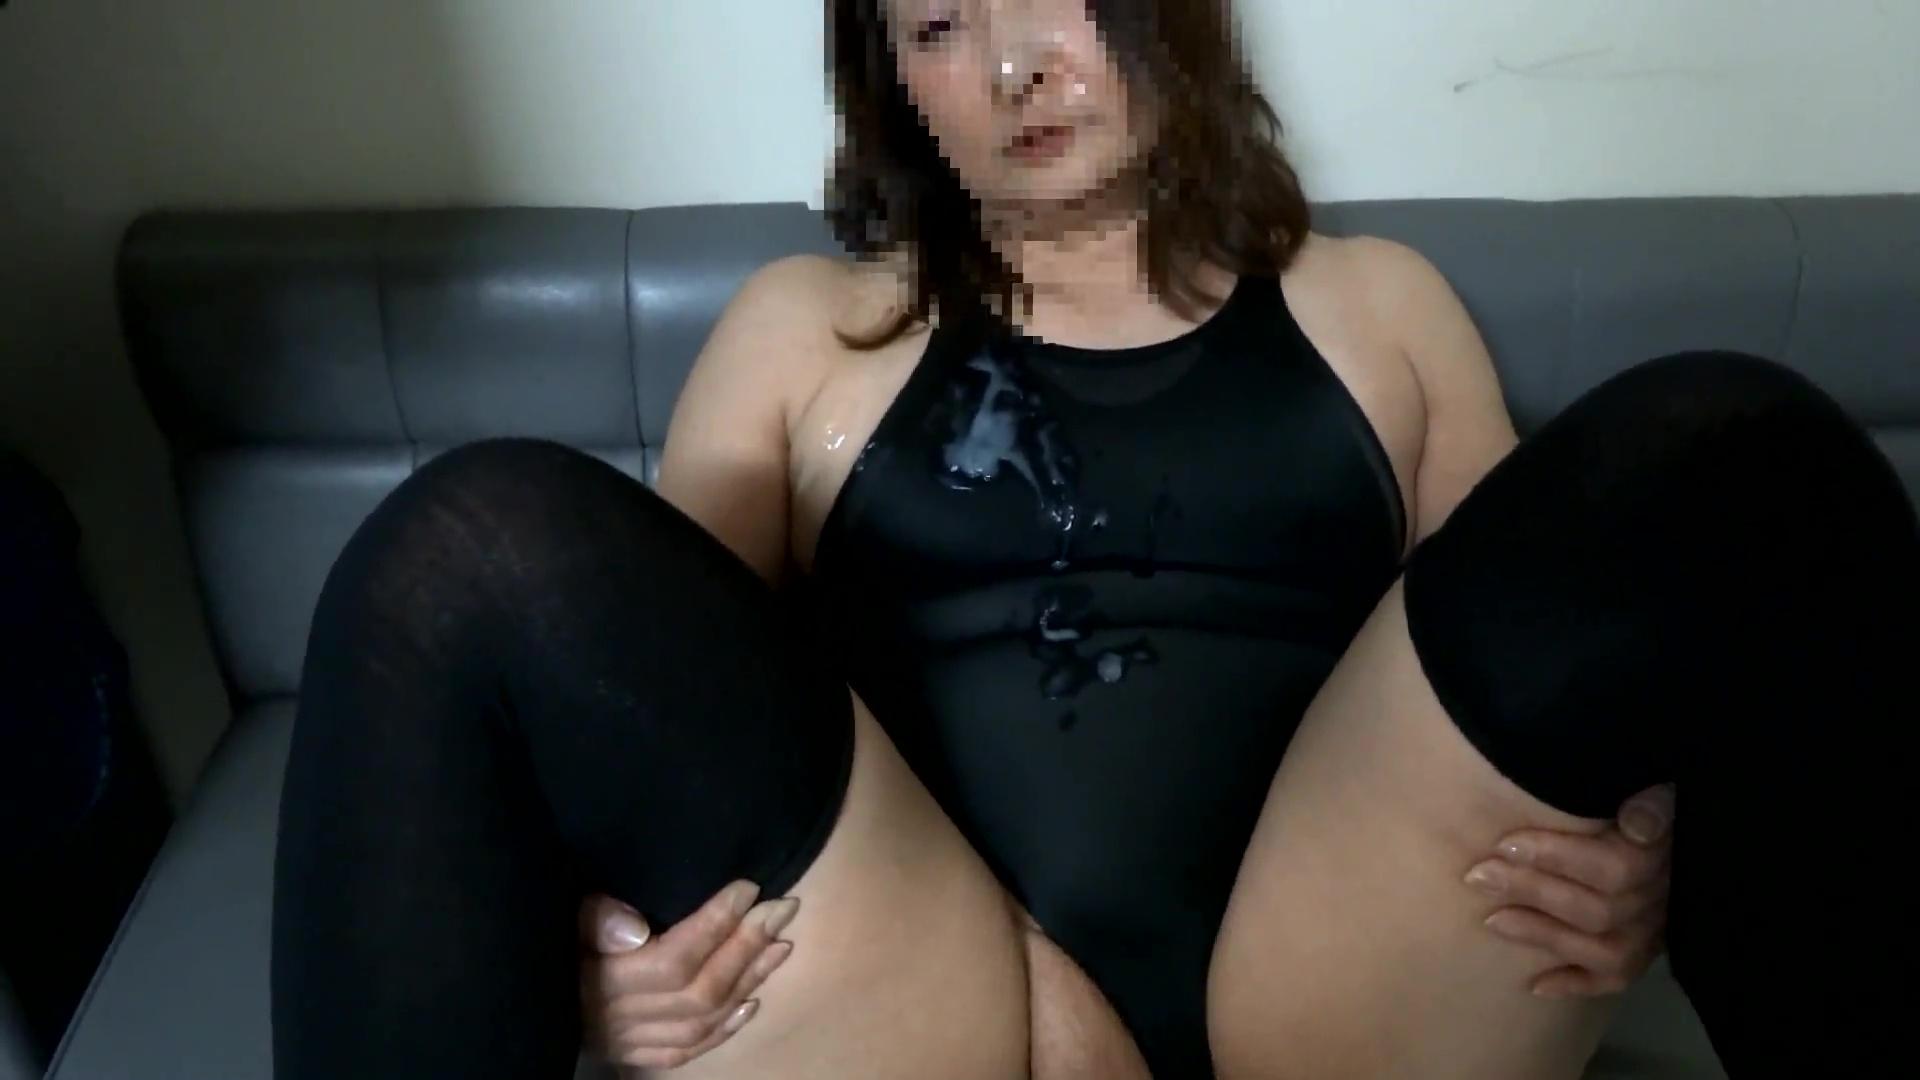 顔射ぶっかけ競泳水着で変態セックス